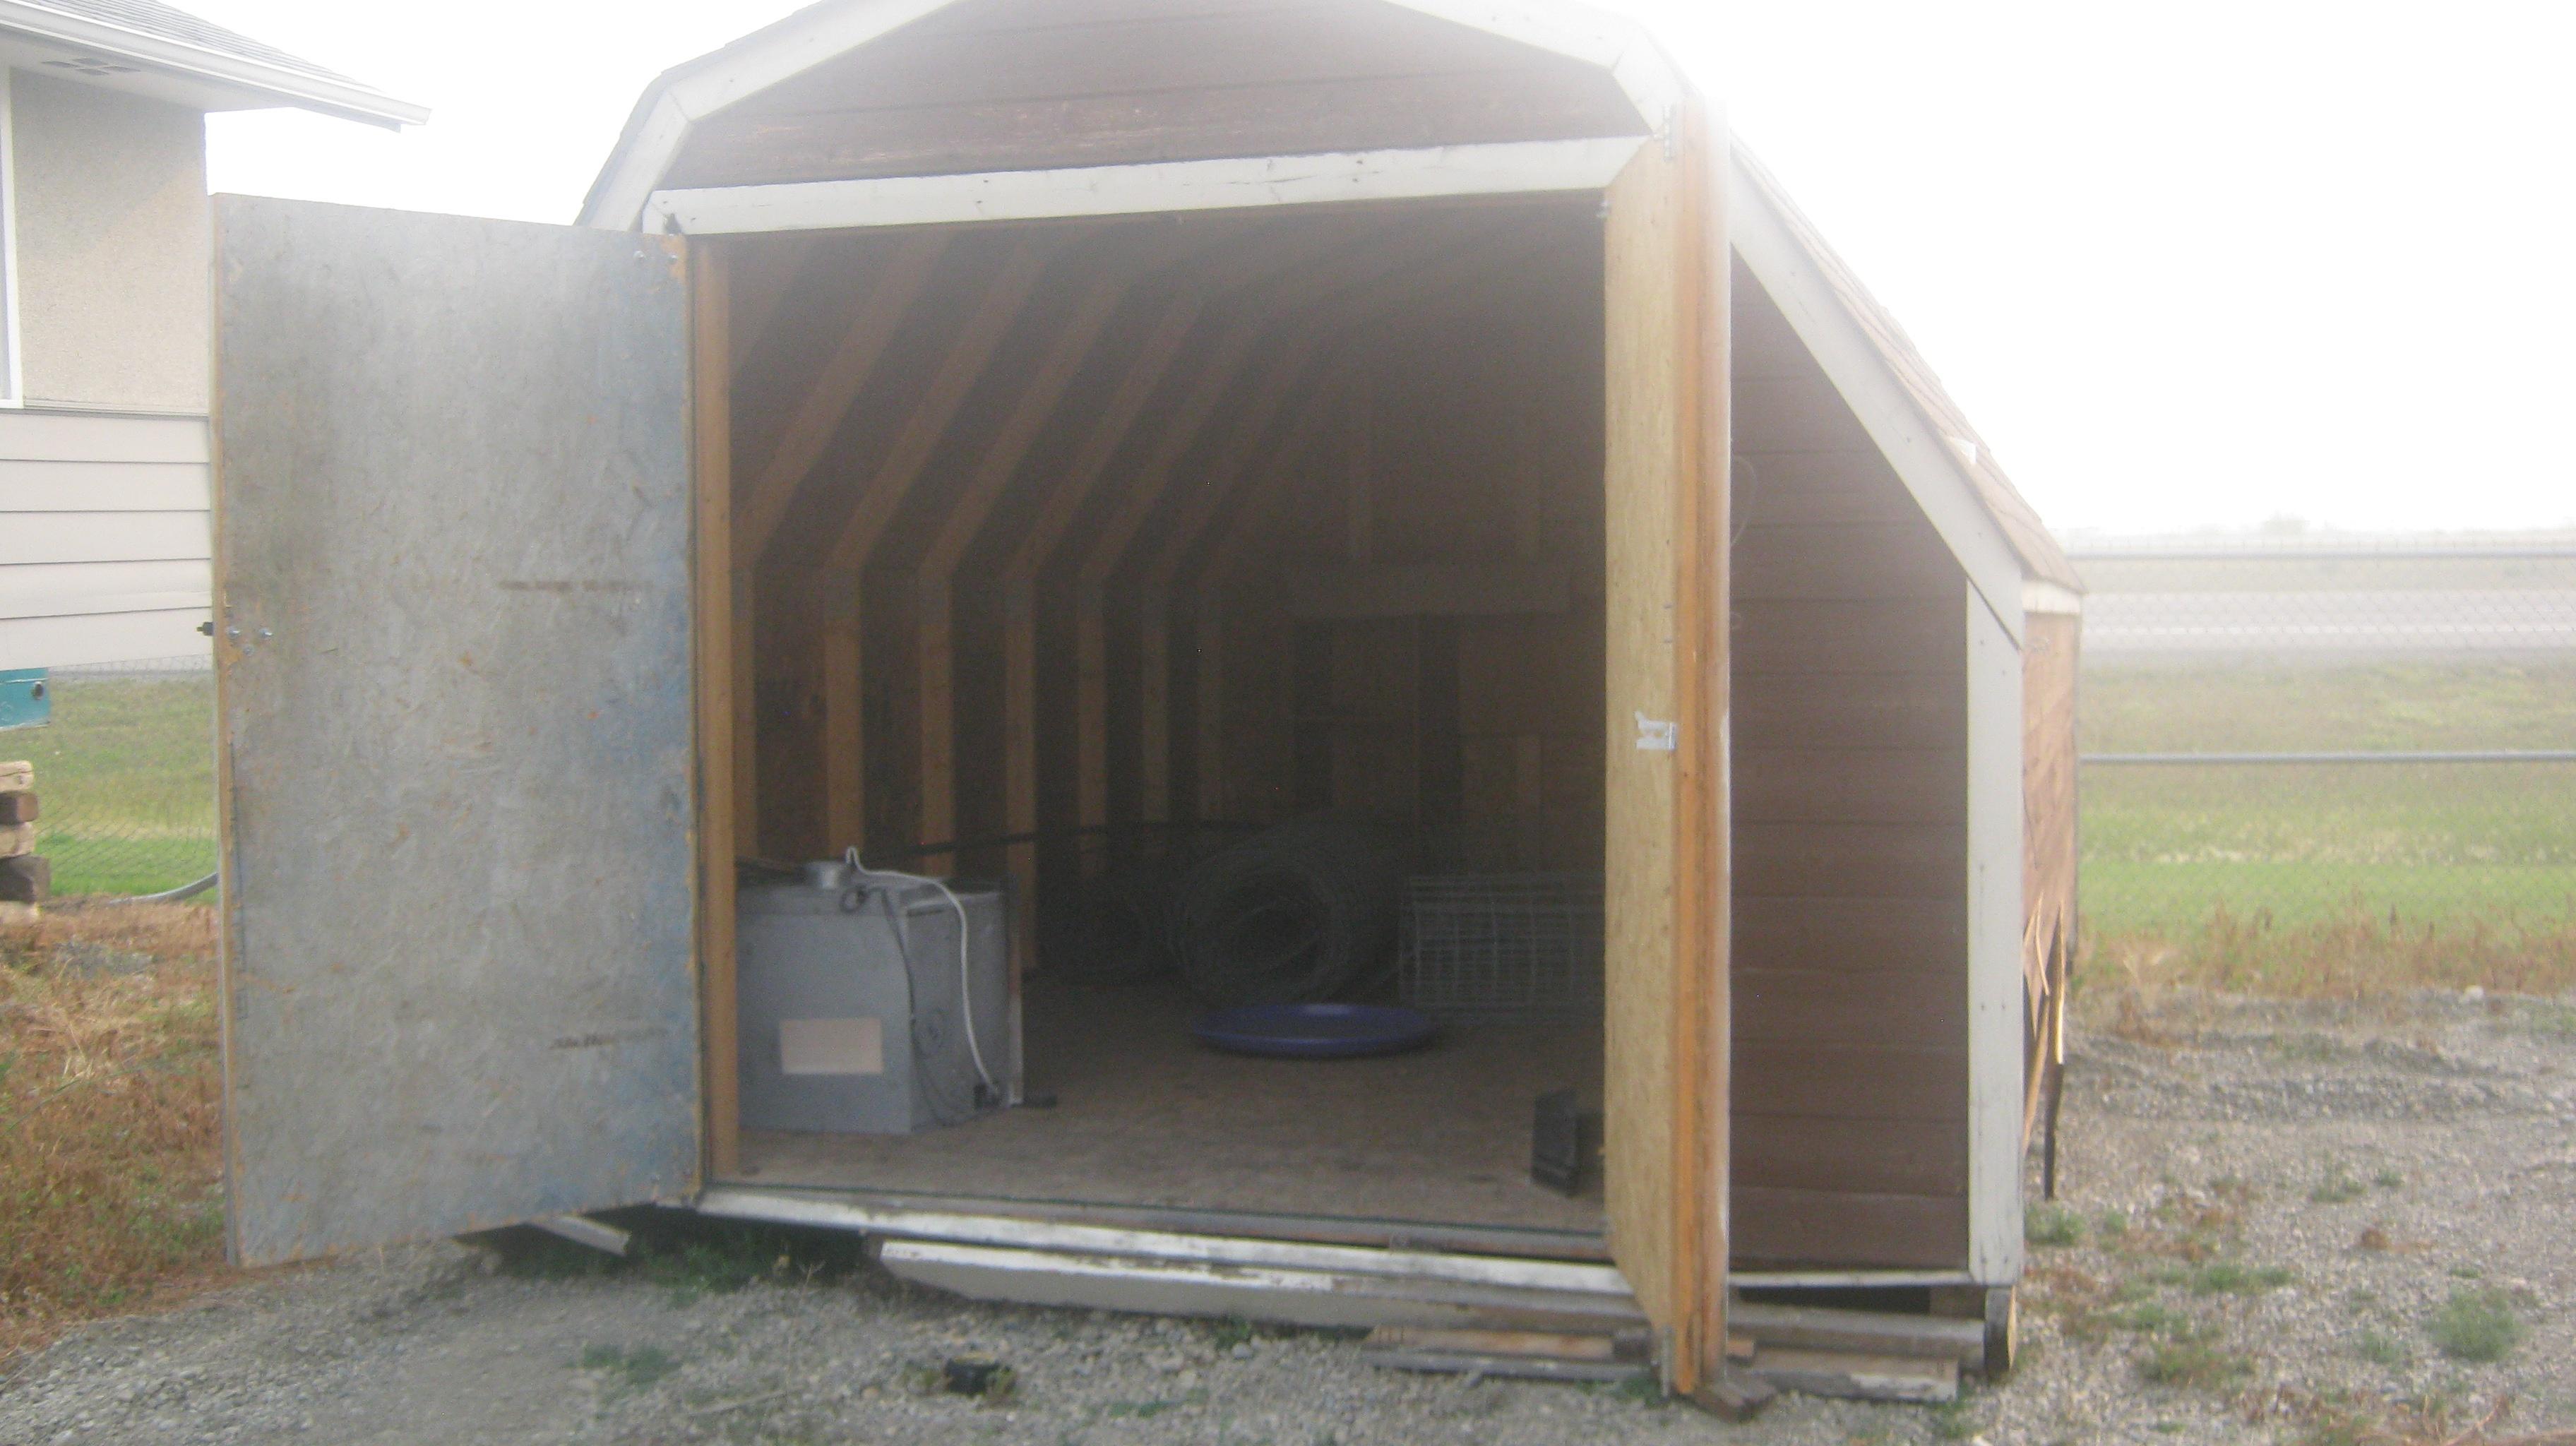 https://0901.nccdn.net/4_2/000/000/038/2d3/Interior-both-doors-open-3648x2048.jpg